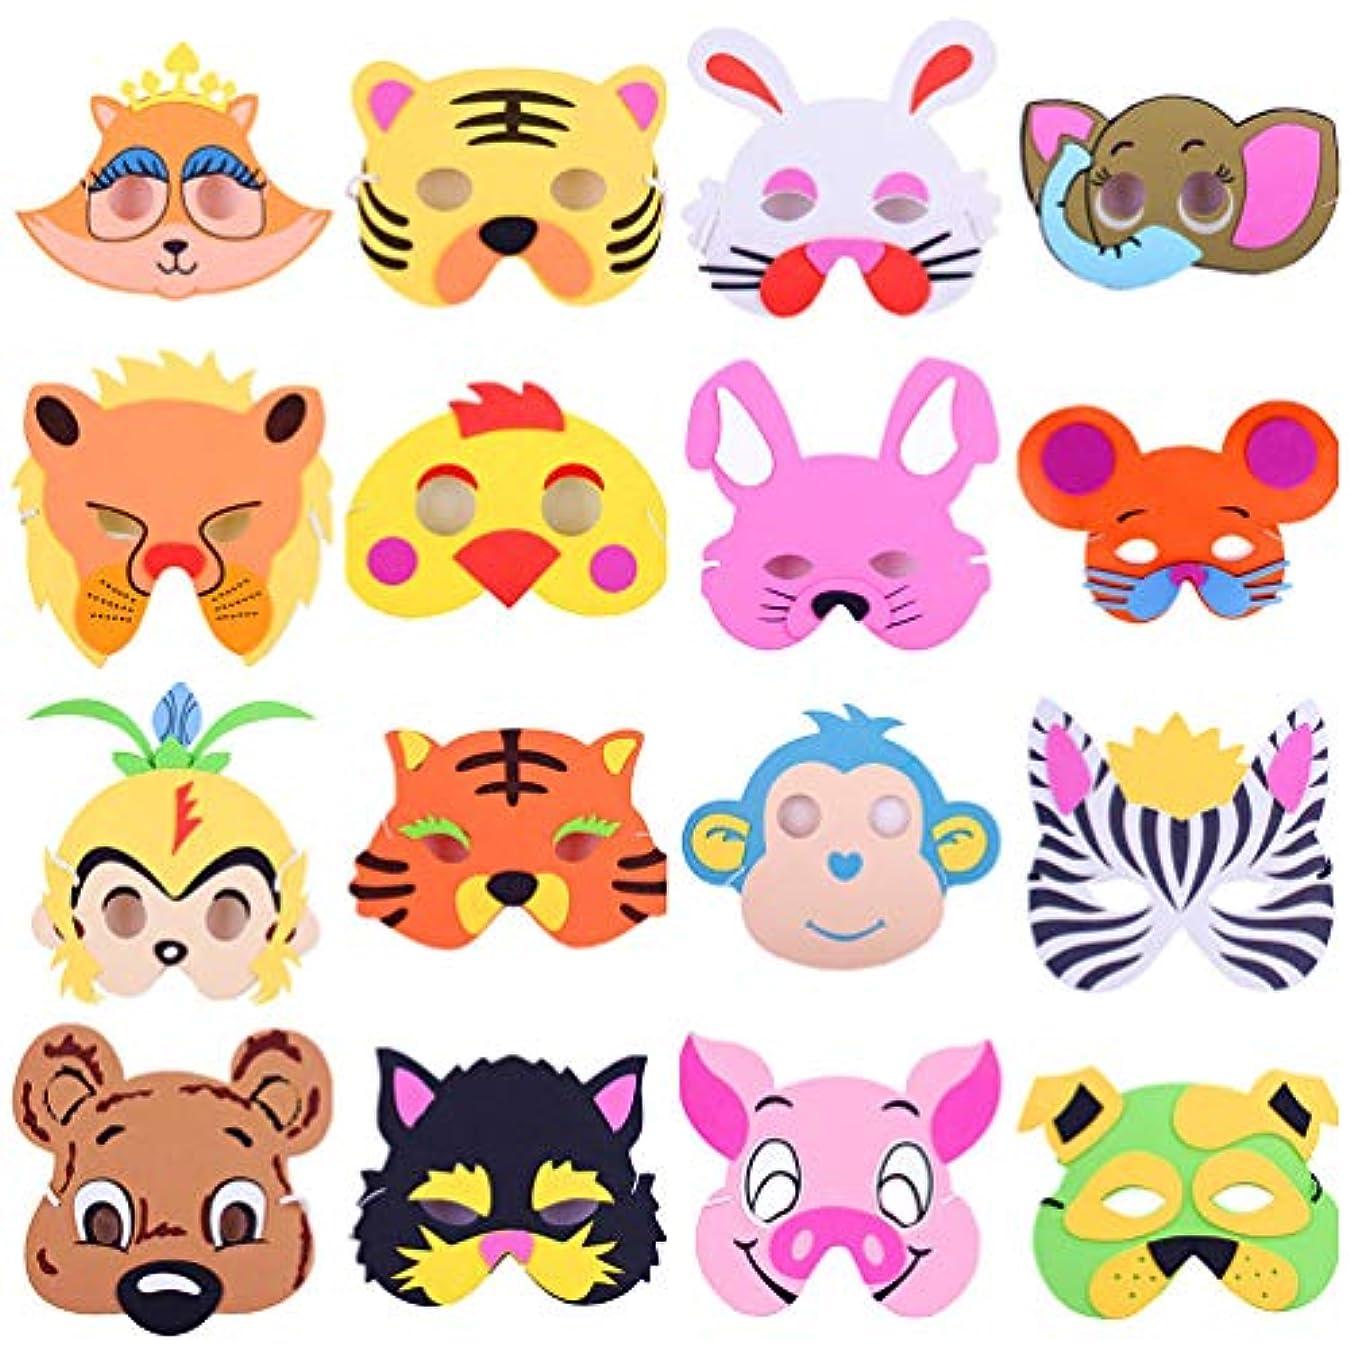 驚くべき劇作家所持NUOBESTY フェイスマスクかわいい装飾evaクリエイティブ漫画面白いマスク動物マスクセットプロップマスク用キッズ大人16ピース